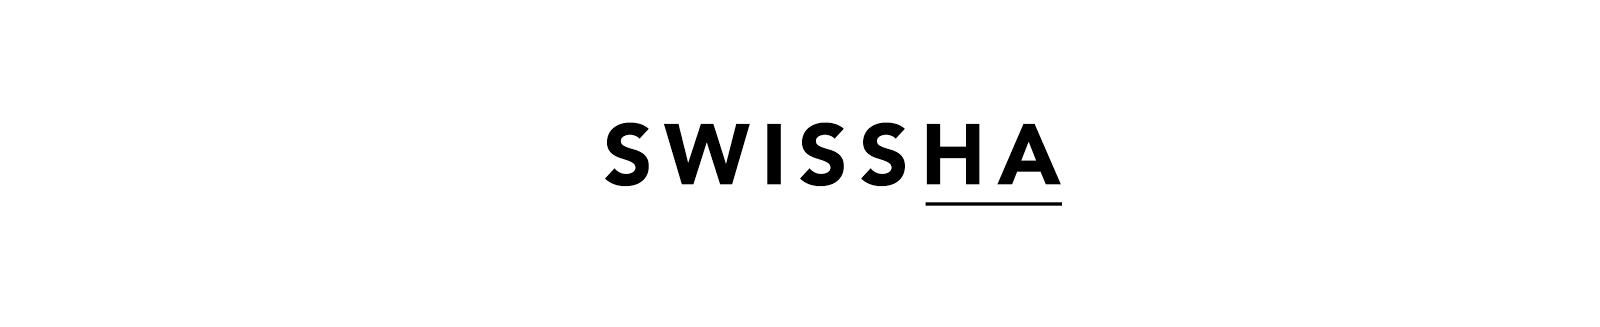 SwissHa